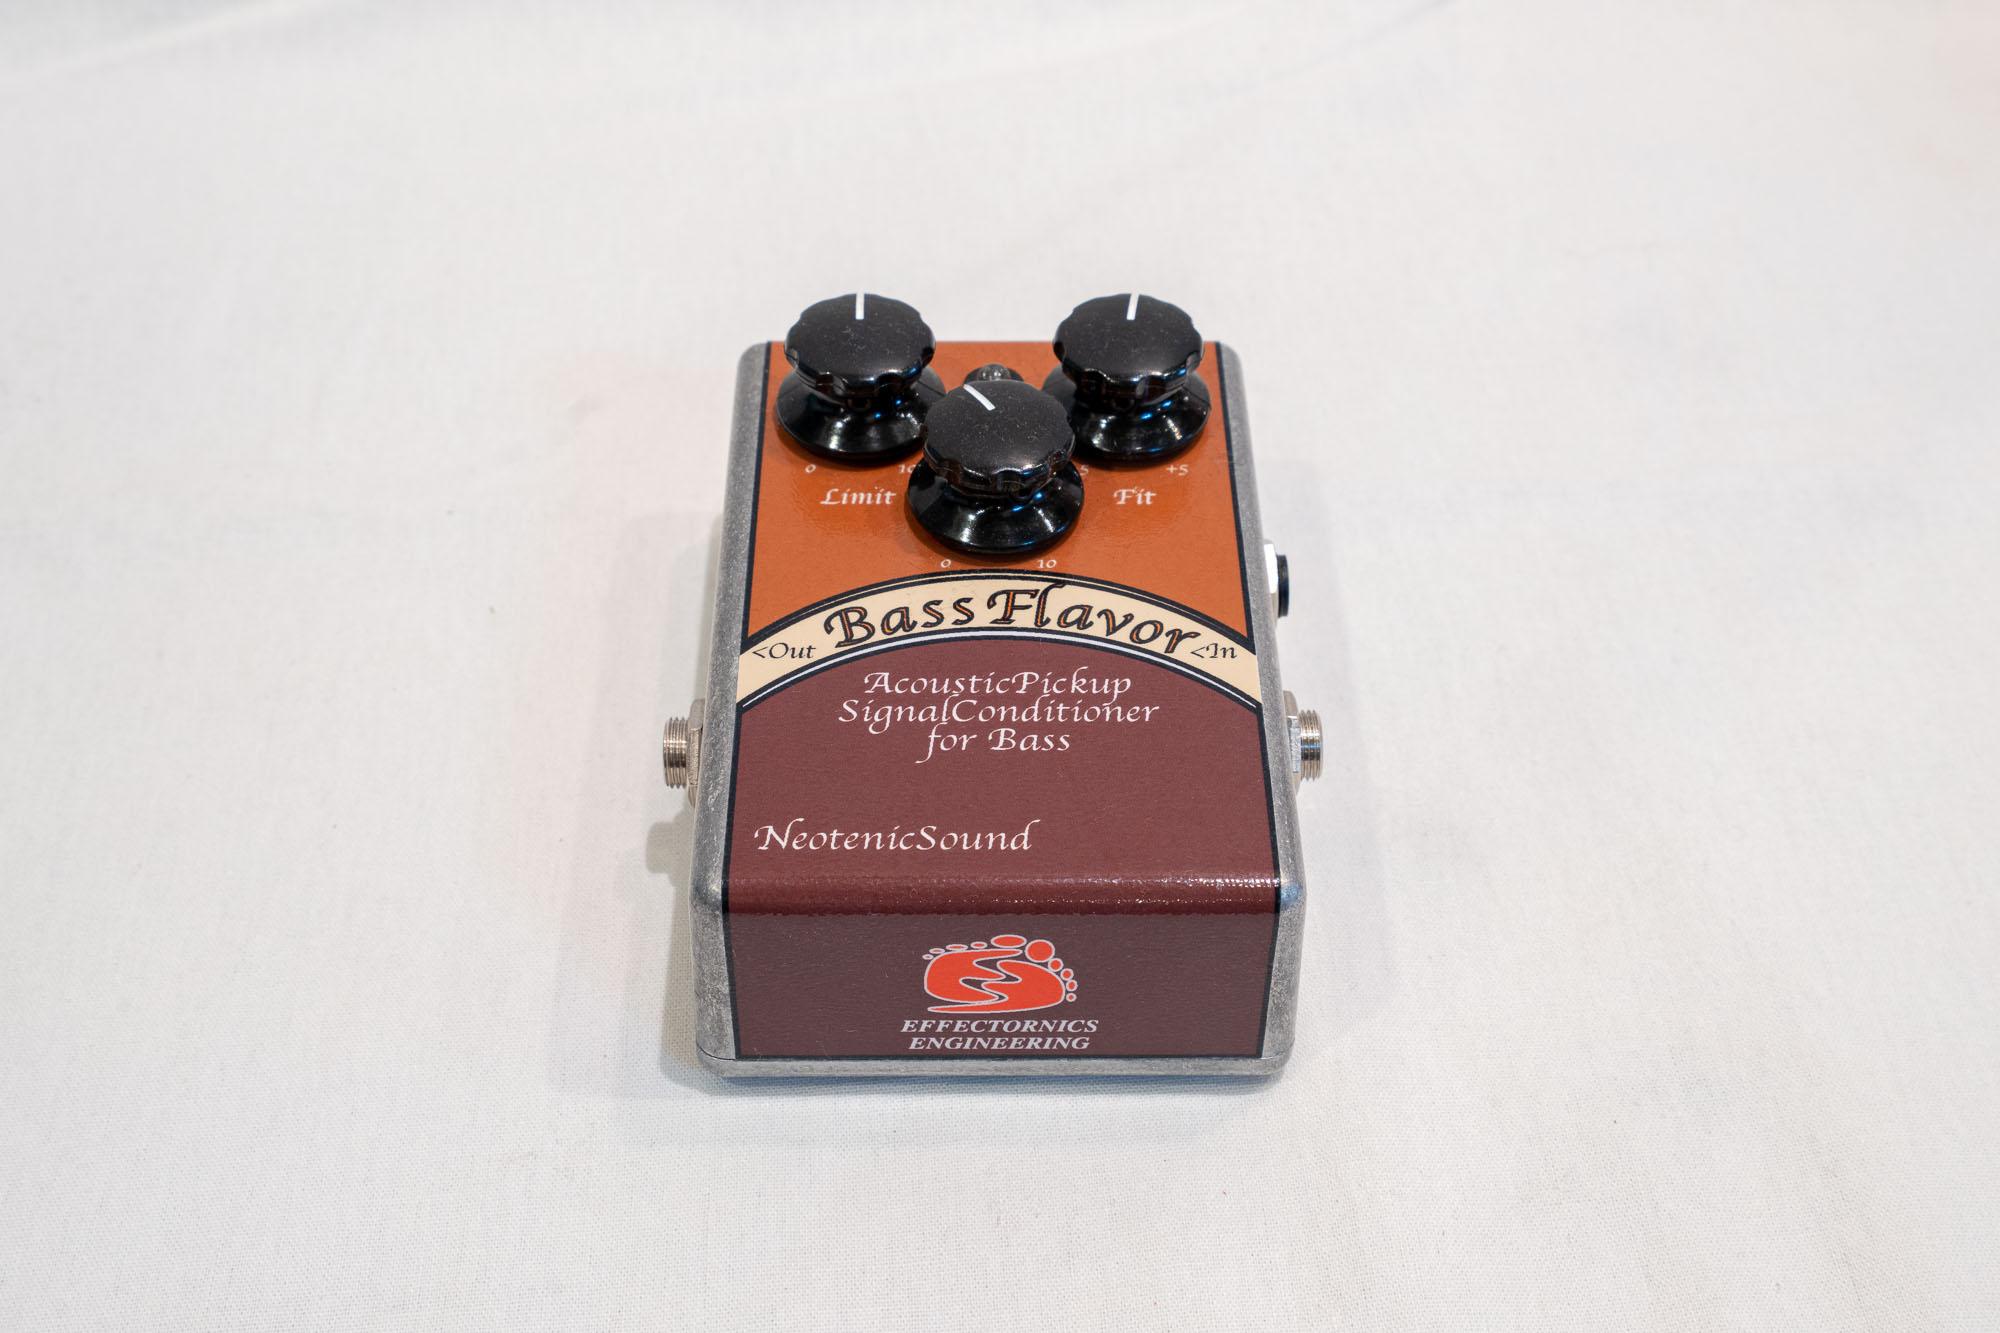 neotenic-sound-bassflavor